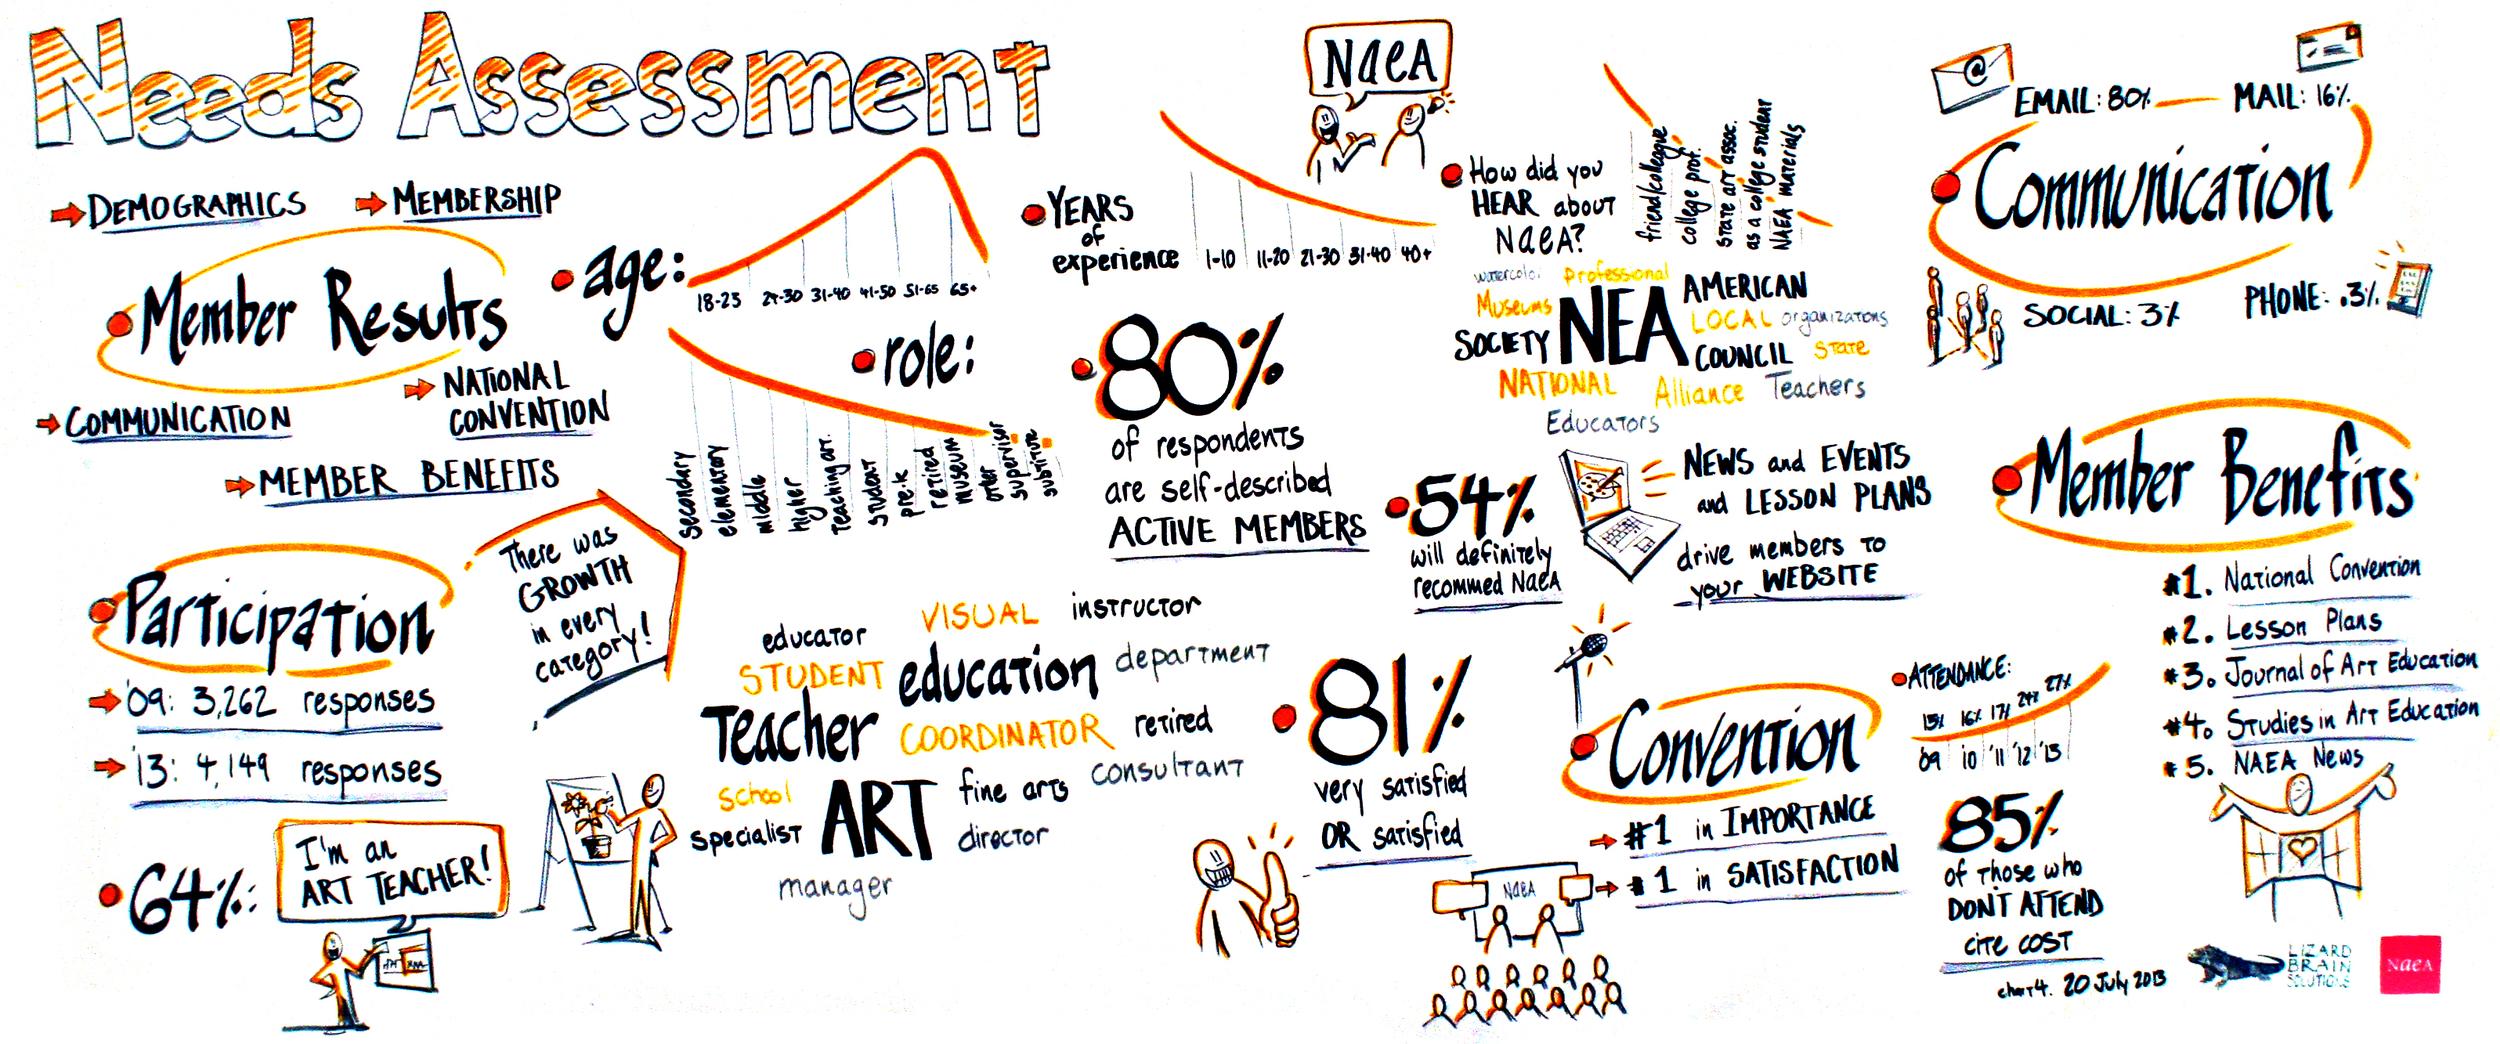 NAEA 20 July 2013 chart 4 Needs Assessment.jpg